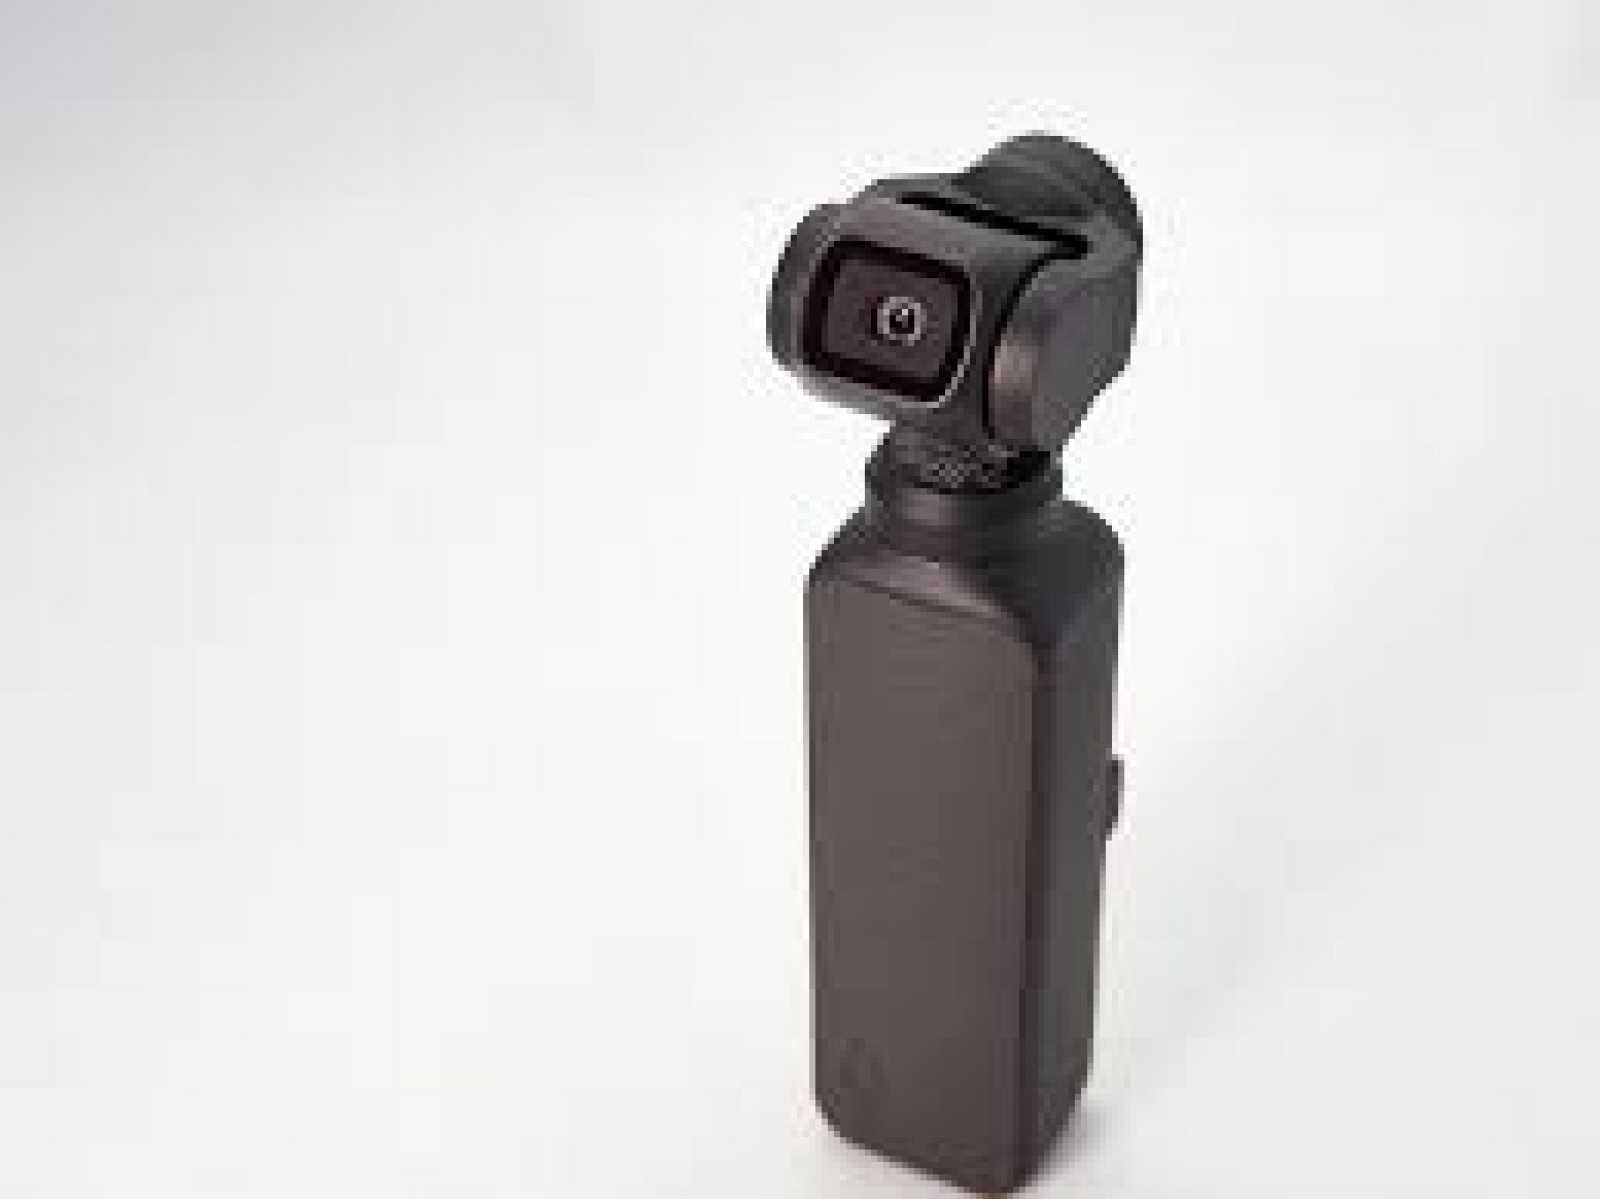 L'altra ràdio - Petita càmera amb estabilitzador mecànic